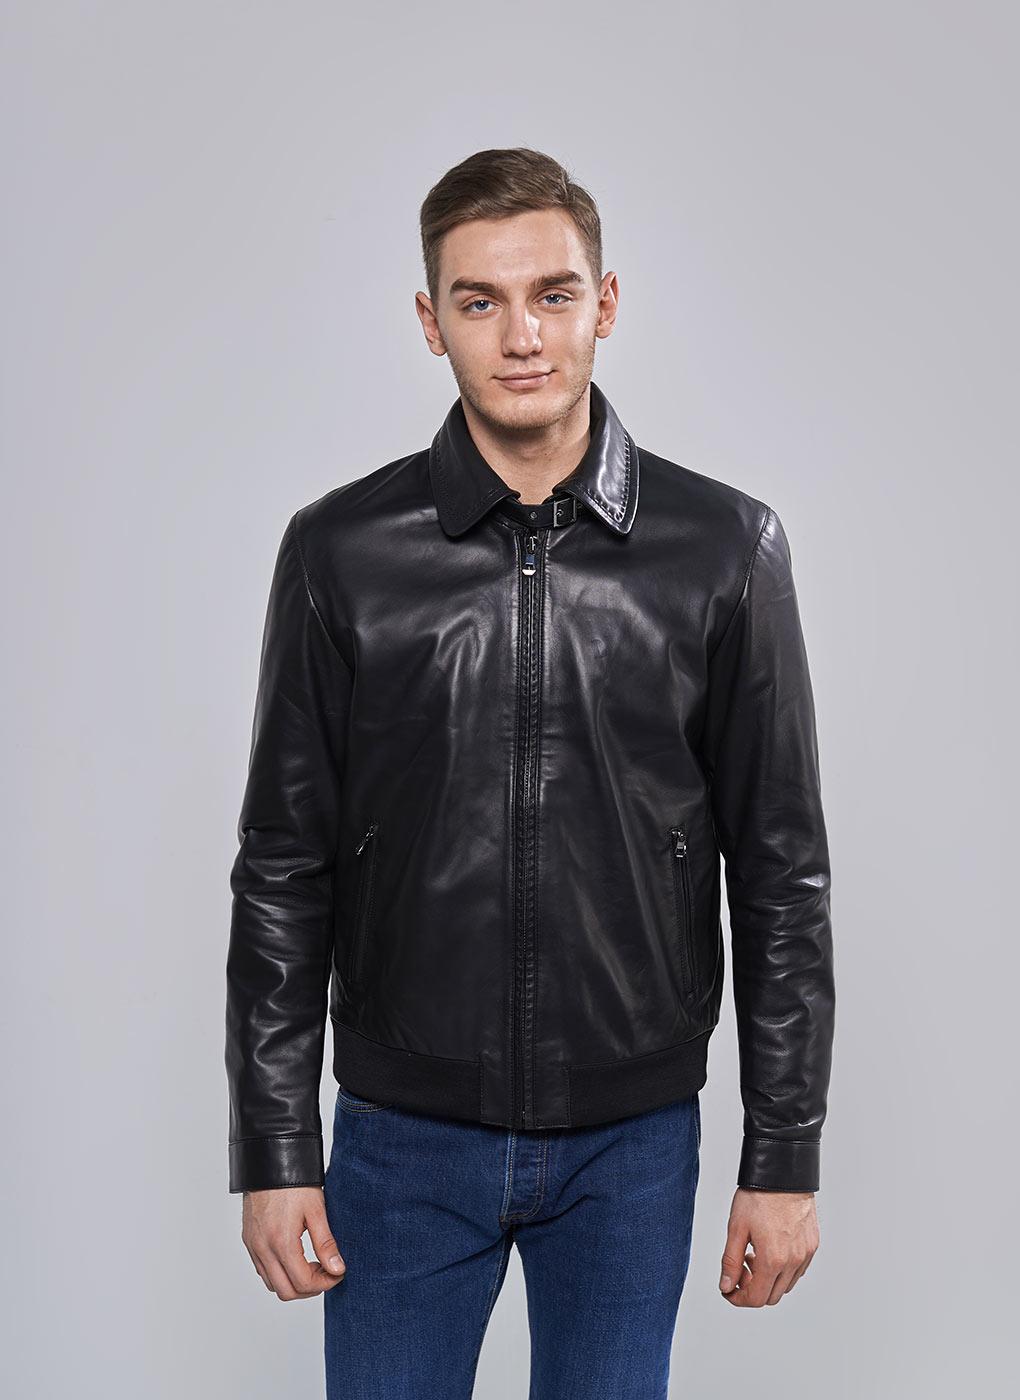 Кожаная куртка мужская утепленная 09, Perre фото